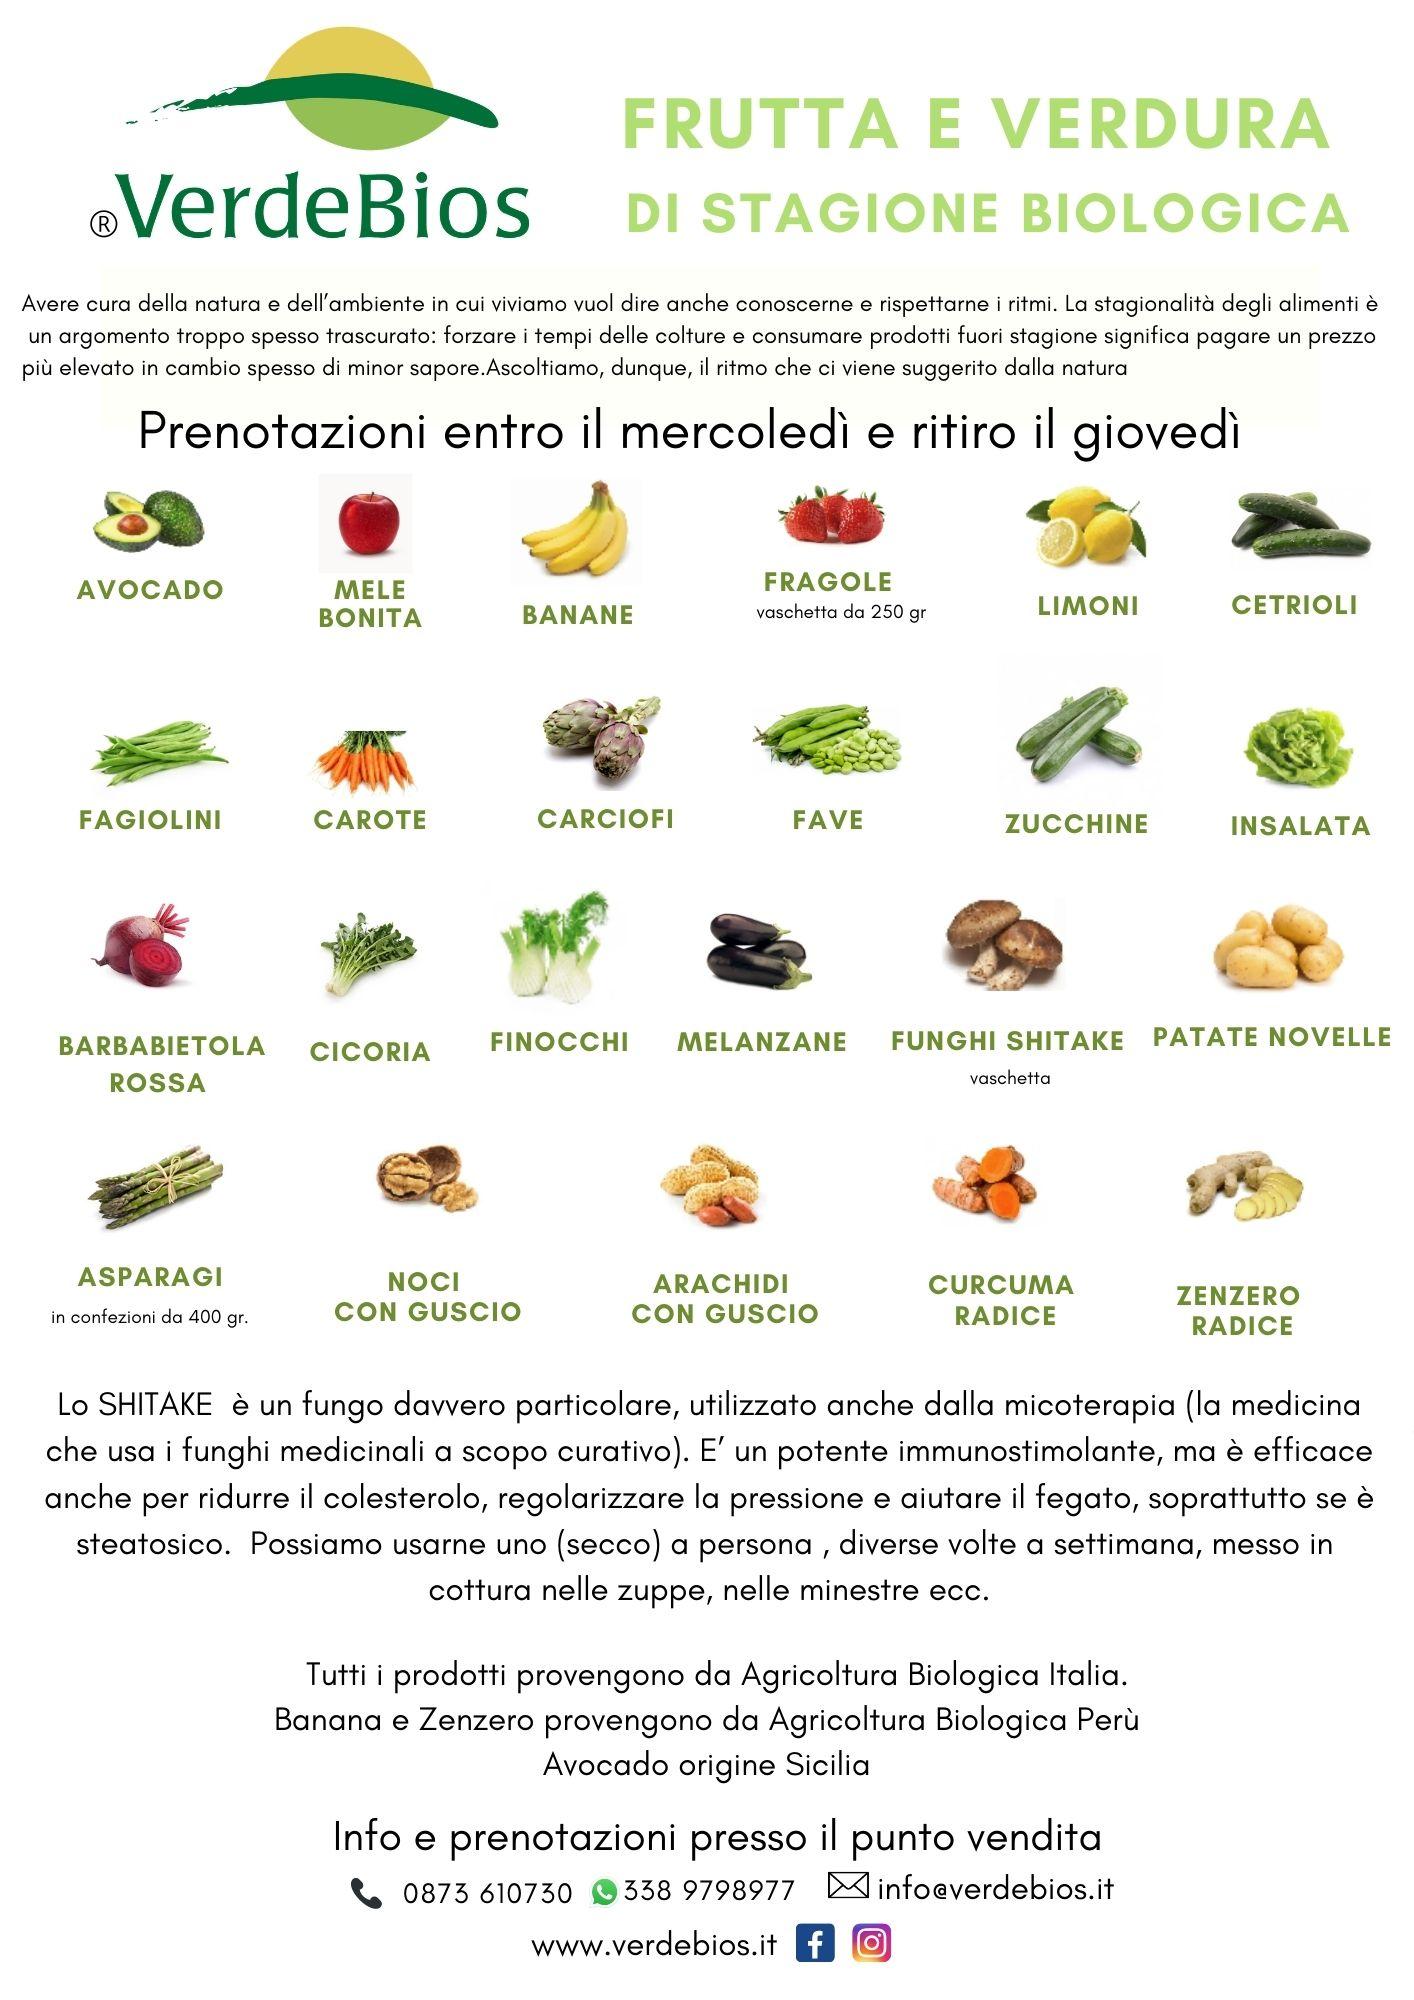 Frutta_e_verdura_biologica